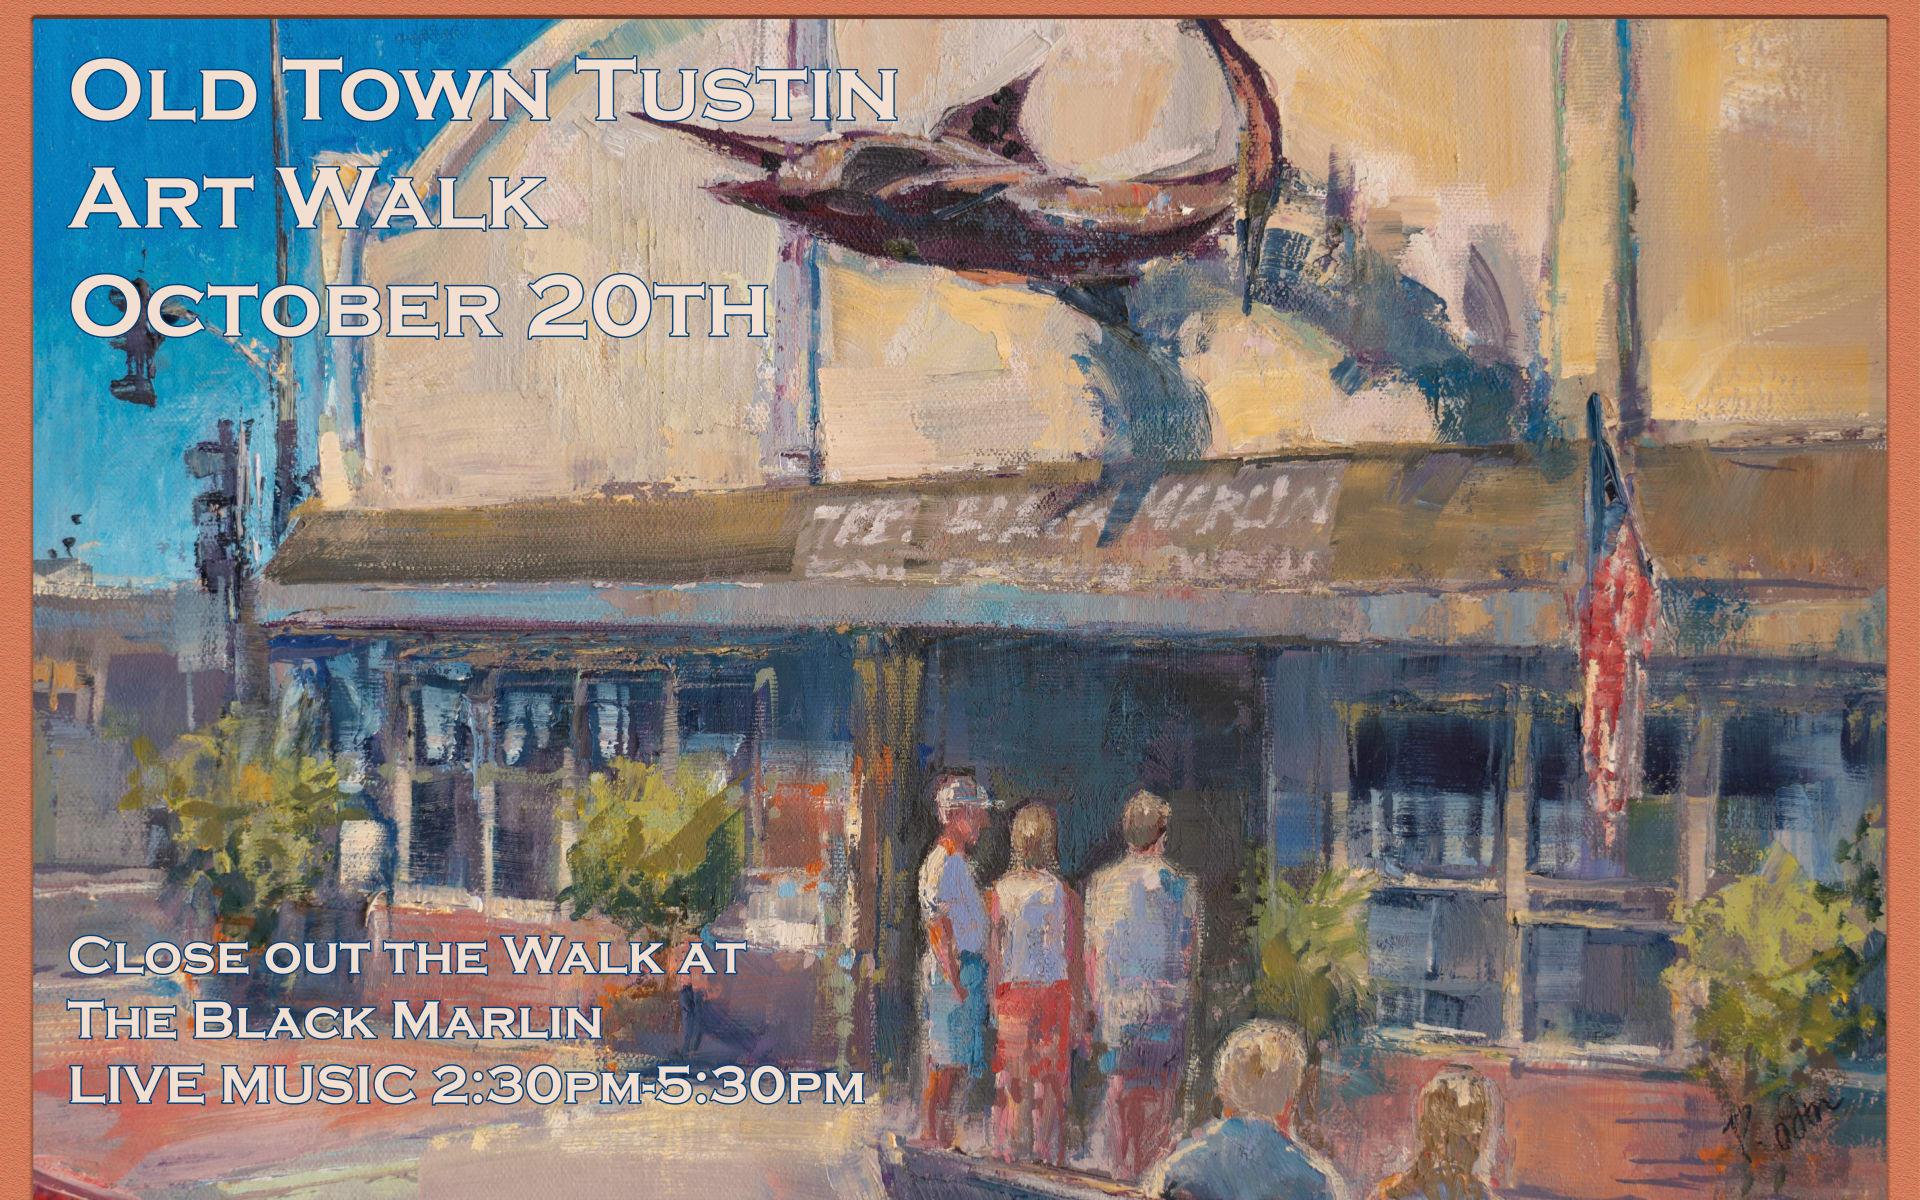 OCT 20 | Tustin Art Walk